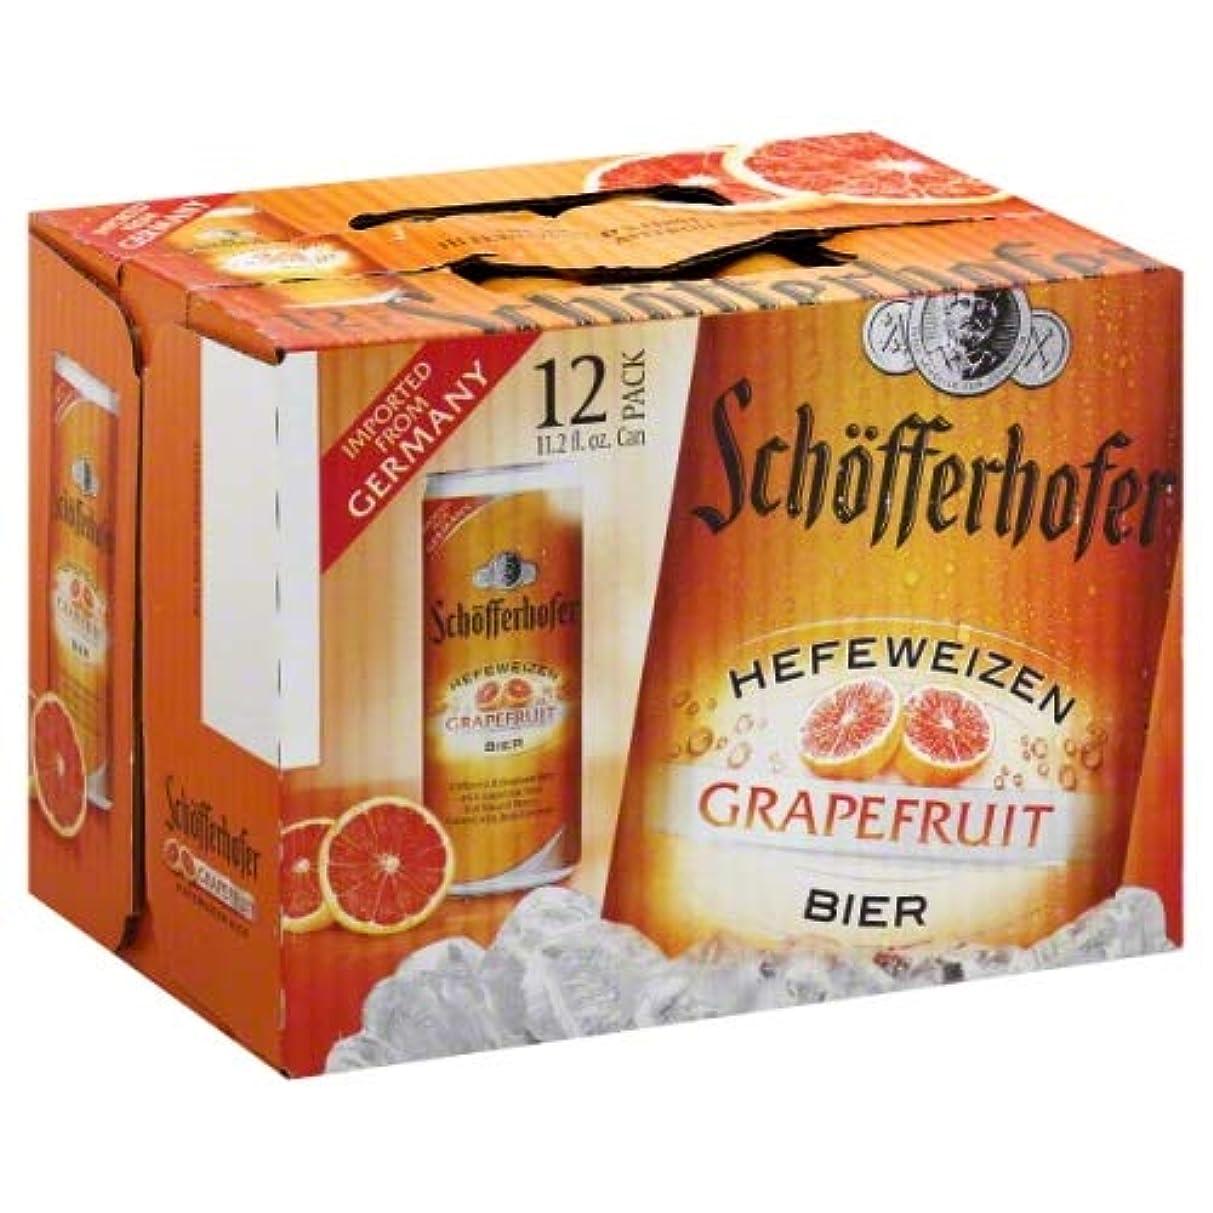 【ドイツ】 シェッファーホッファー グレープフルーツ MIX (発泡酒) 330ml 缶 12本 セット